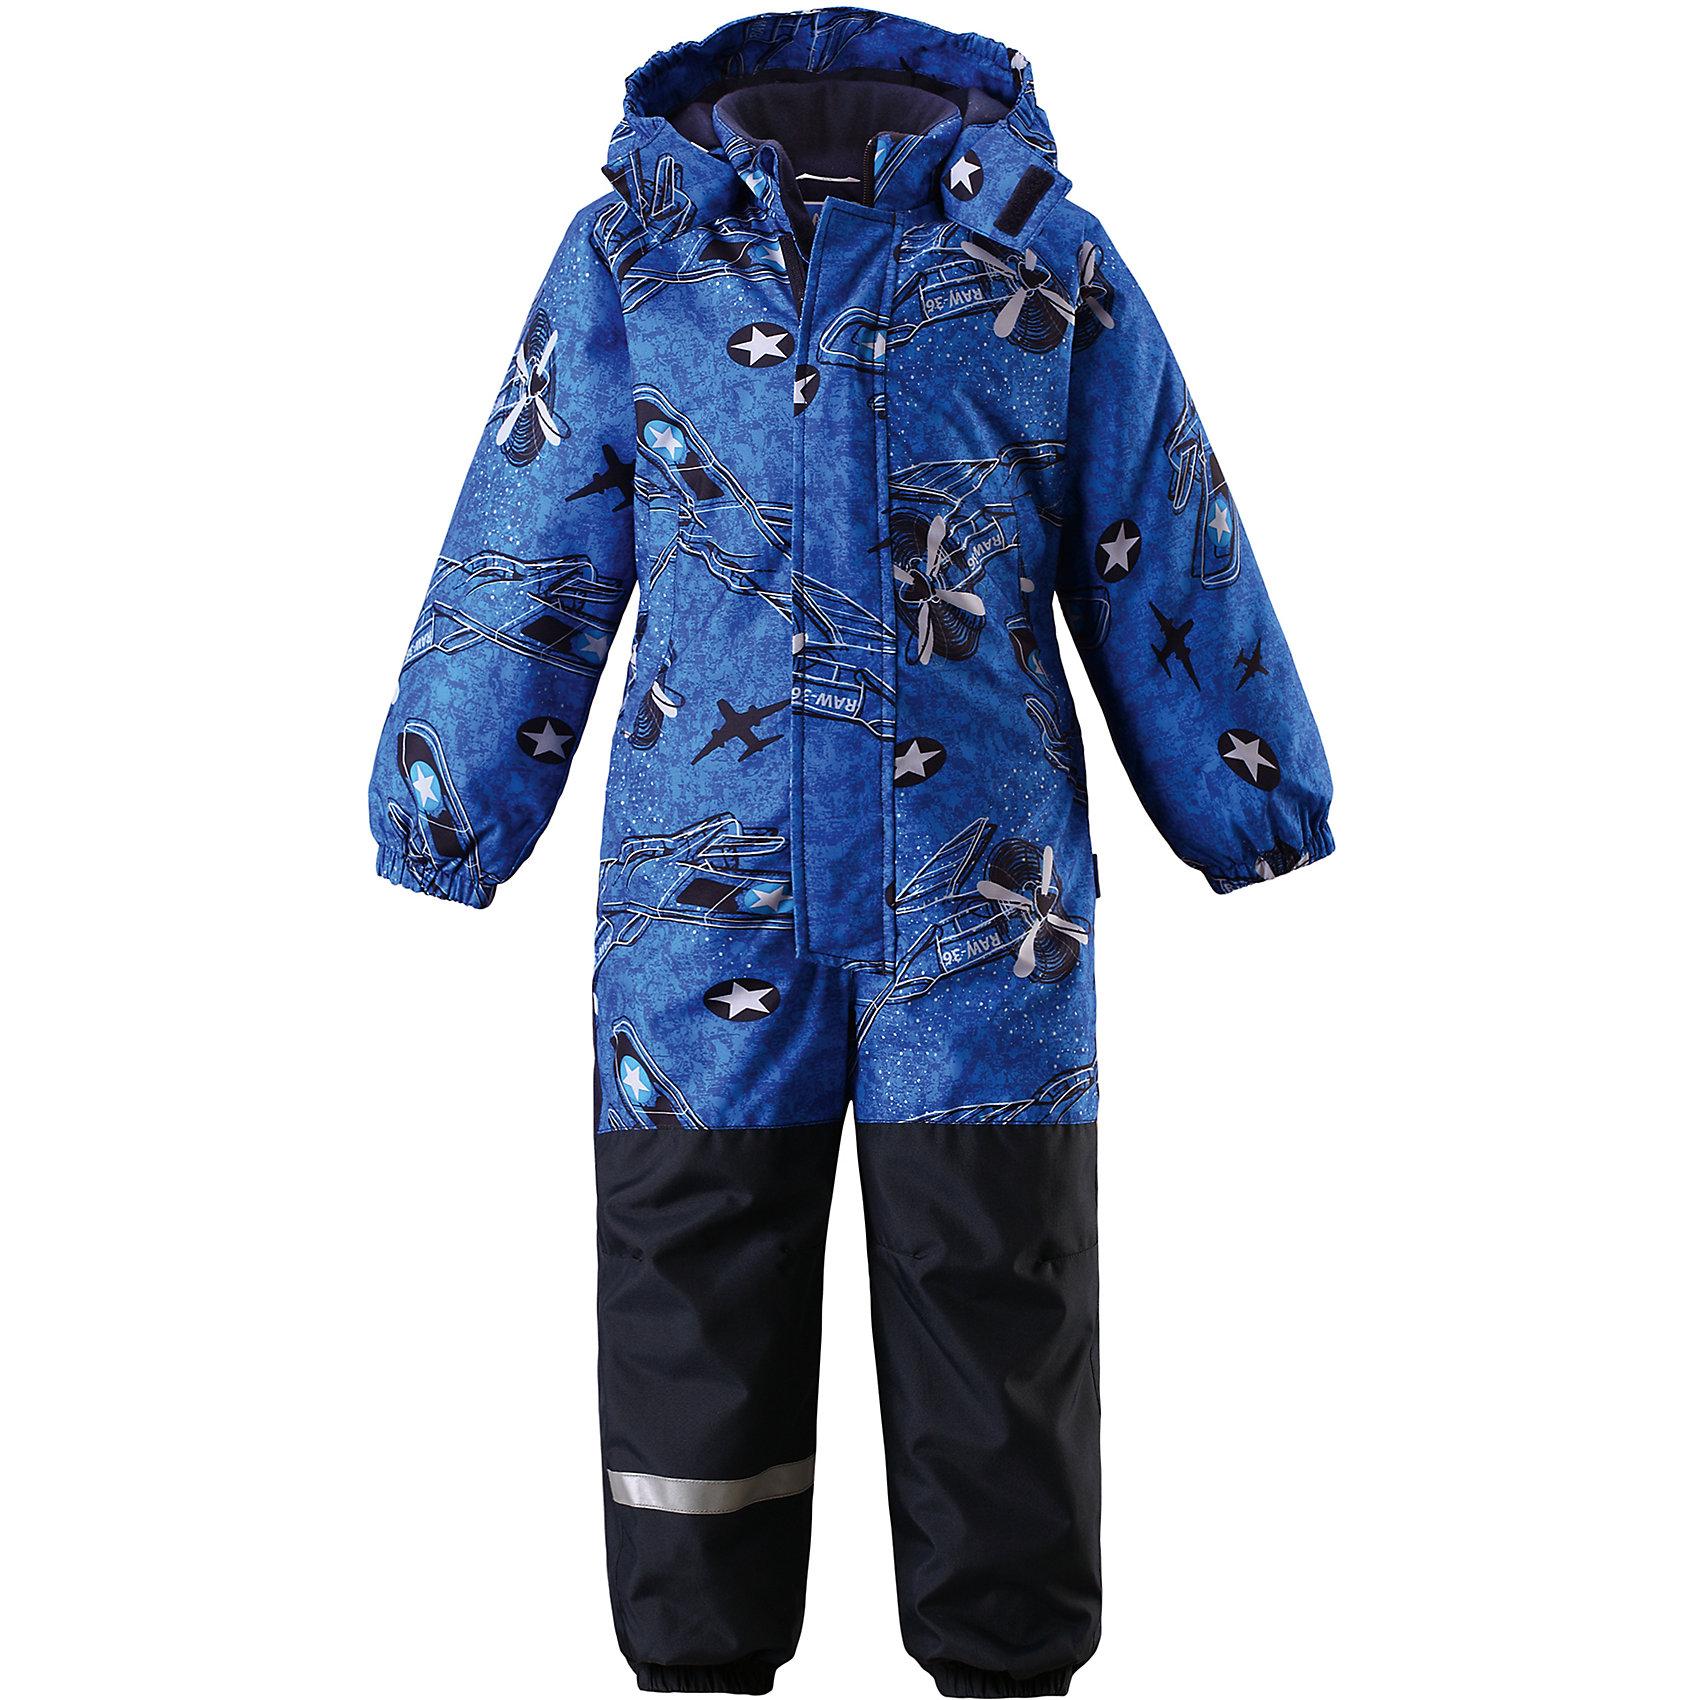 Комбинезон для мальчика LASSIEЗимний комбинезон для детей известной финской марки.<br><br>Характеристики товара:<br><br>-Вставки из высокопрочного материала в области колен и попы<br>-Два боковых кармана<br>-Температурный режим от 0°до -15°С<br>-Задний средний шов проклеен<br>-Съемный капюшон<br>-Съемные штрипки<br>-Ветрозащита<br>-Состав: 100% полиэстер, мембрана 100% полиуретан<br>-Утеплитель: 100% полиэстер 180г/кв.м<br>-Водонепроницаемость: 1000мм<br>-Сопротивление трению: 50000 оборотов (тест Мартиндейла)<br><br>Рекомендации по уходу: Стирать по отдельности, вывернув наизнанку. Застегнуть молнии и липучки. Соблюдать температуру в соответствии с руководством по уходу. Стирать моющим средством, не содержащим отбеливающие вещества. Полоскать без специального средства. Сушение в сушильном шкафу разрешено при  низкой температуре.<br><br>Состав: 100% Полиамид, полиуретановое покрытие.  Утеплитель «Lassie wadding» 180гр.<br><br>Ширина мм: 356<br>Глубина мм: 10<br>Высота мм: 245<br>Вес г: 519<br>Цвет: синий<br>Возраст от месяцев: 12<br>Возраст до месяцев: 15<br>Пол: Мужской<br>Возраст: Детский<br>Размер: 80,86,92,98,104,110,116,122,128<br>SKU: 4782008